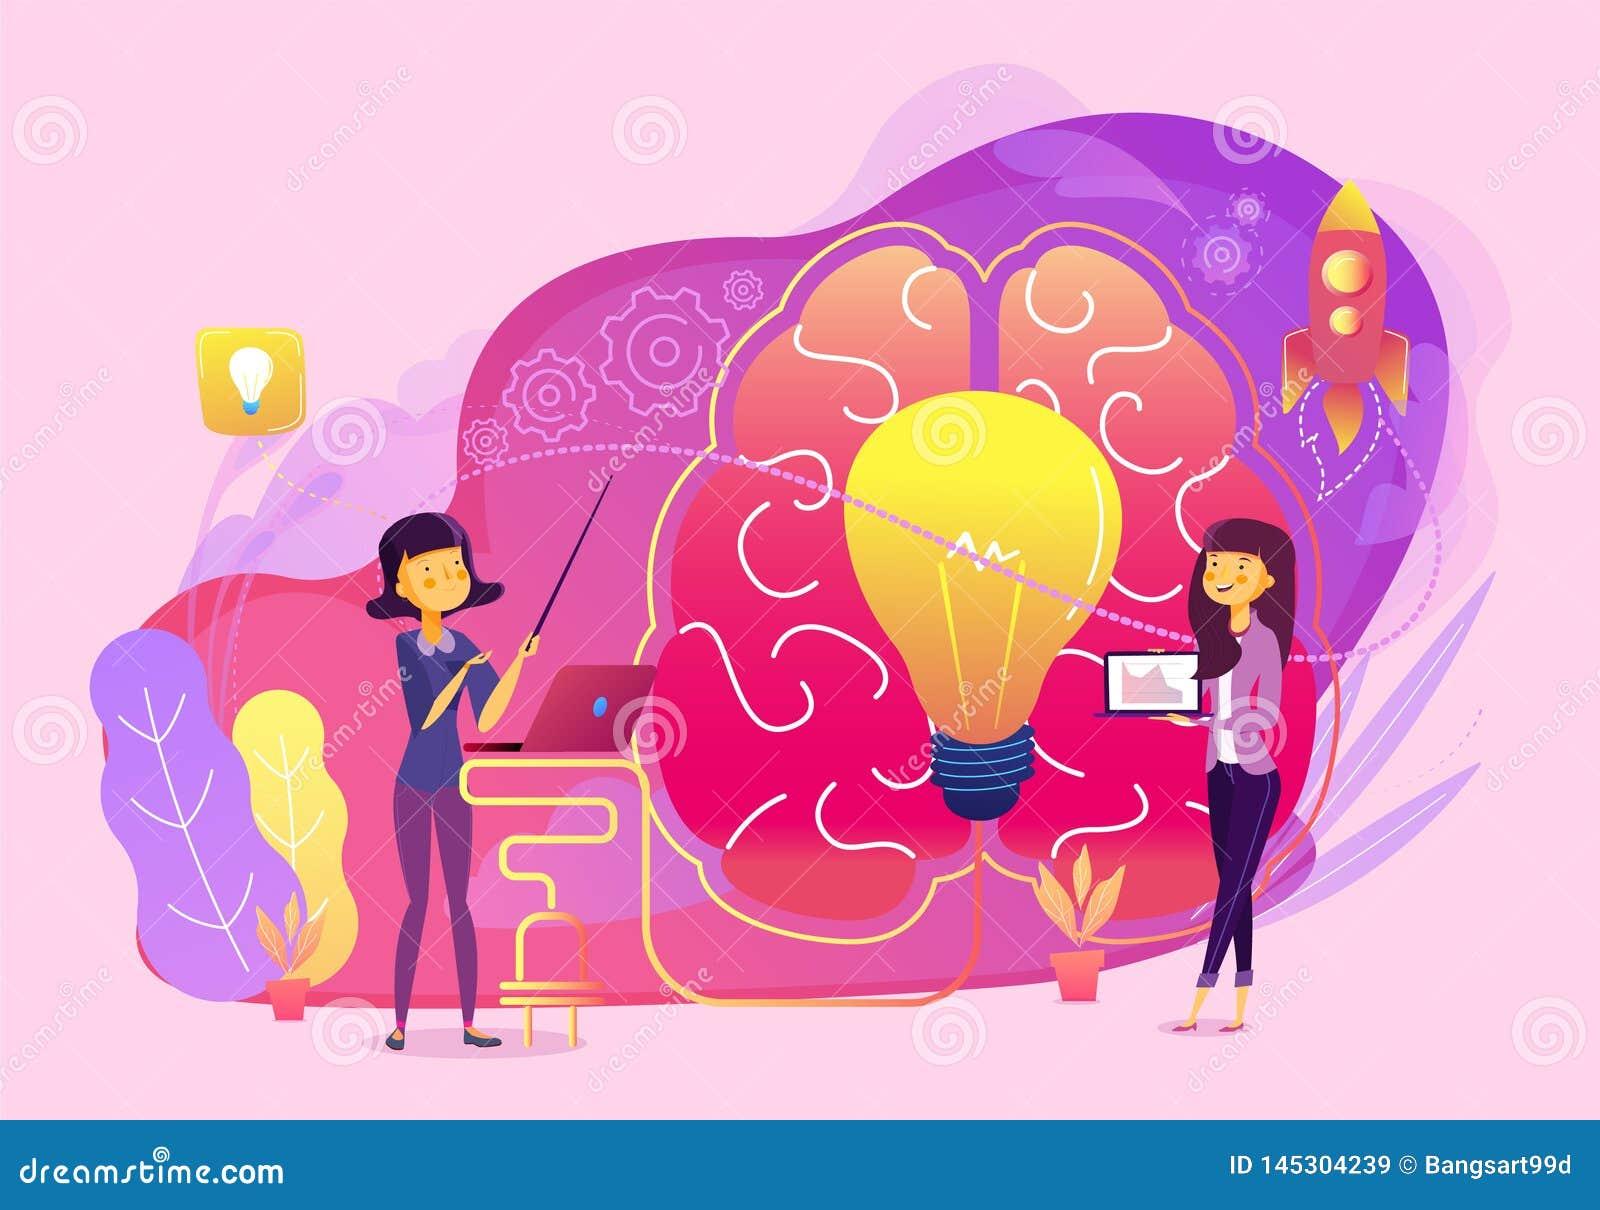 Kreatywnie pomysłu pracy zespołowej biznesowy wektor z móżdżkową i lampową ilustracją